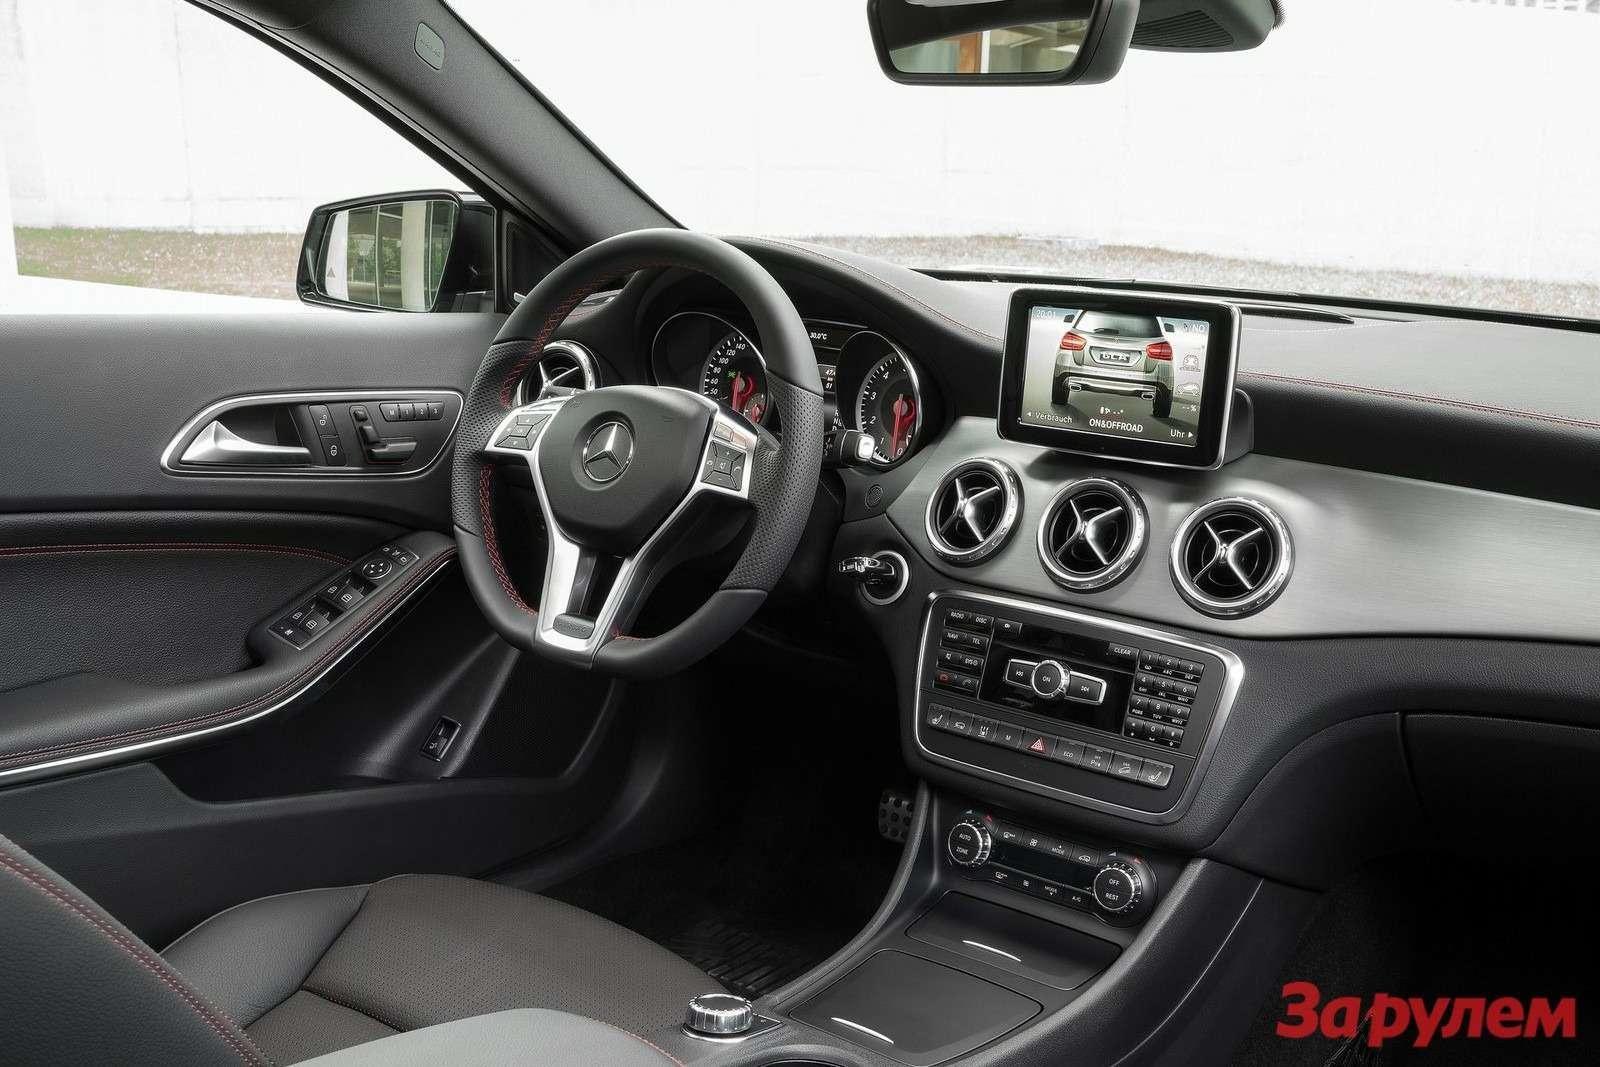 Mercedes Benz GLA Class 2015 1600x1200 wallpaper 24